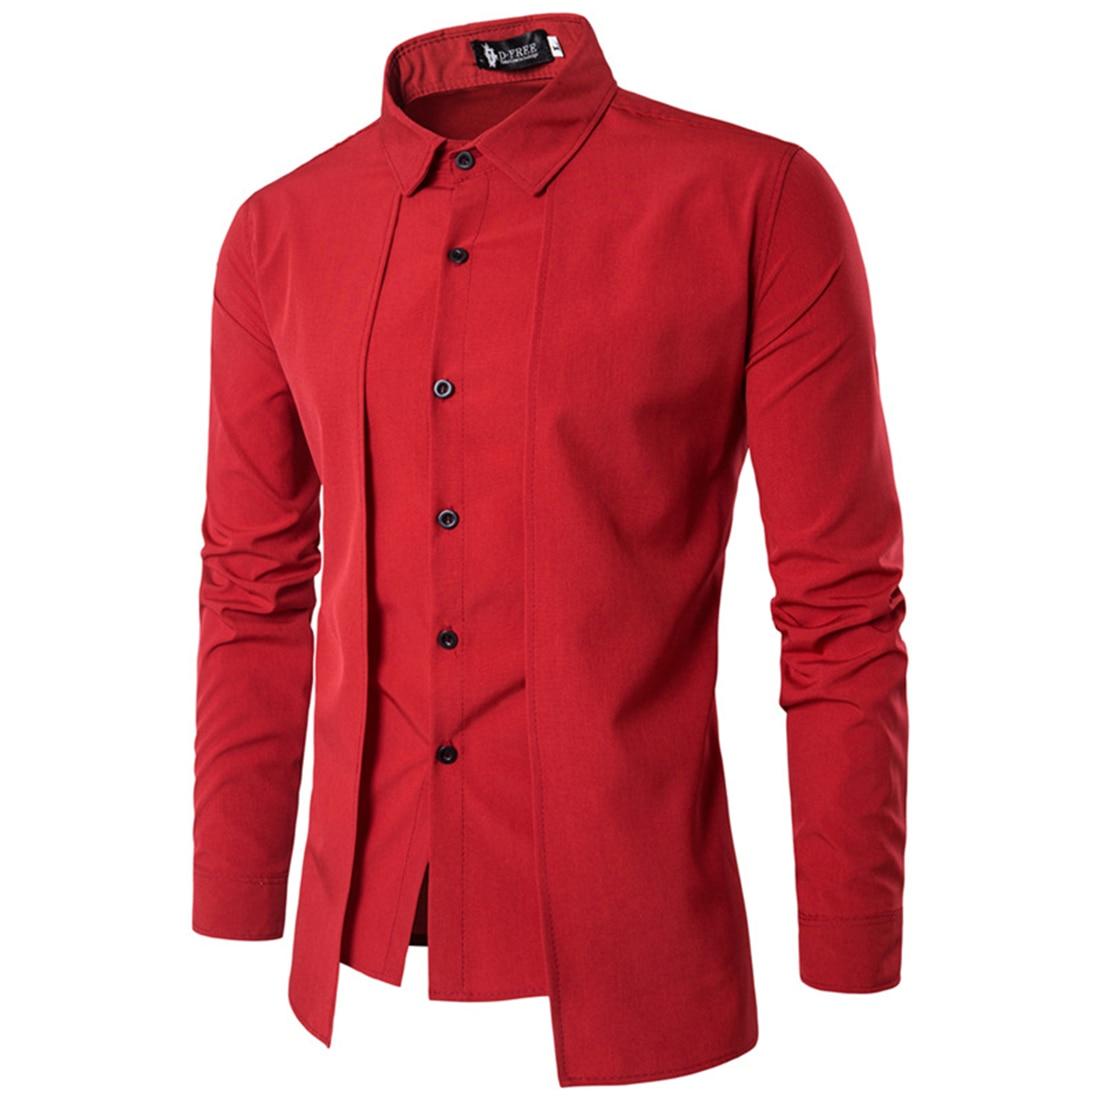 Rot Schwarz Weiß Blau Shirt Männer Langarmshirt Patchwork Tuxedo Shirts Sommer Einreiher Unregelmäßigen Kleid Shirts 2017 Gefälschte 2 STÜCKE